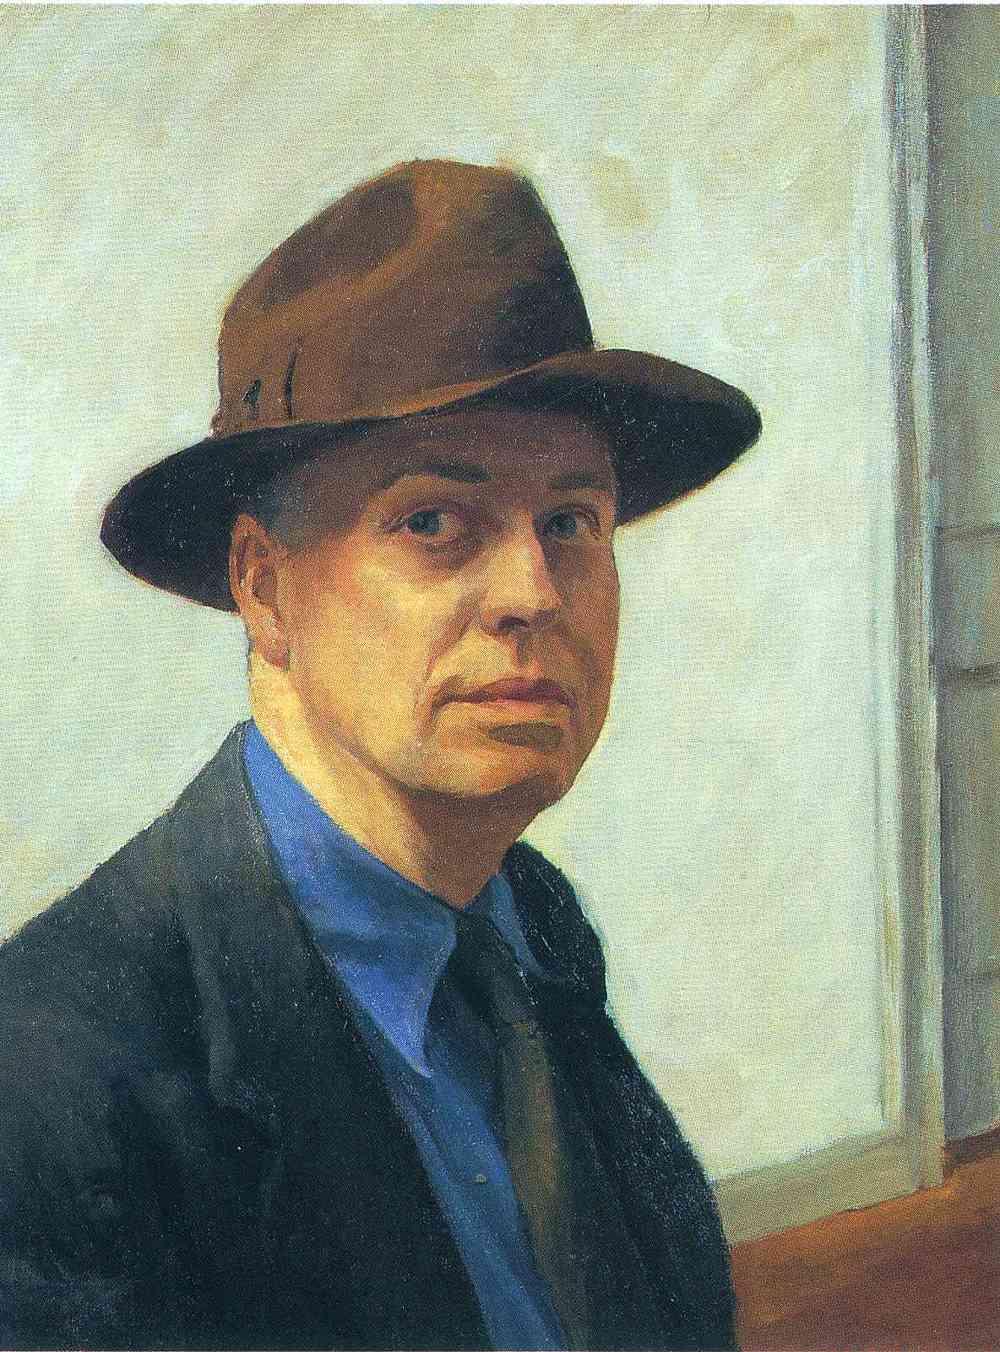 Autorretrato. Edward Hopper, 1930. Óleo sobre tela.